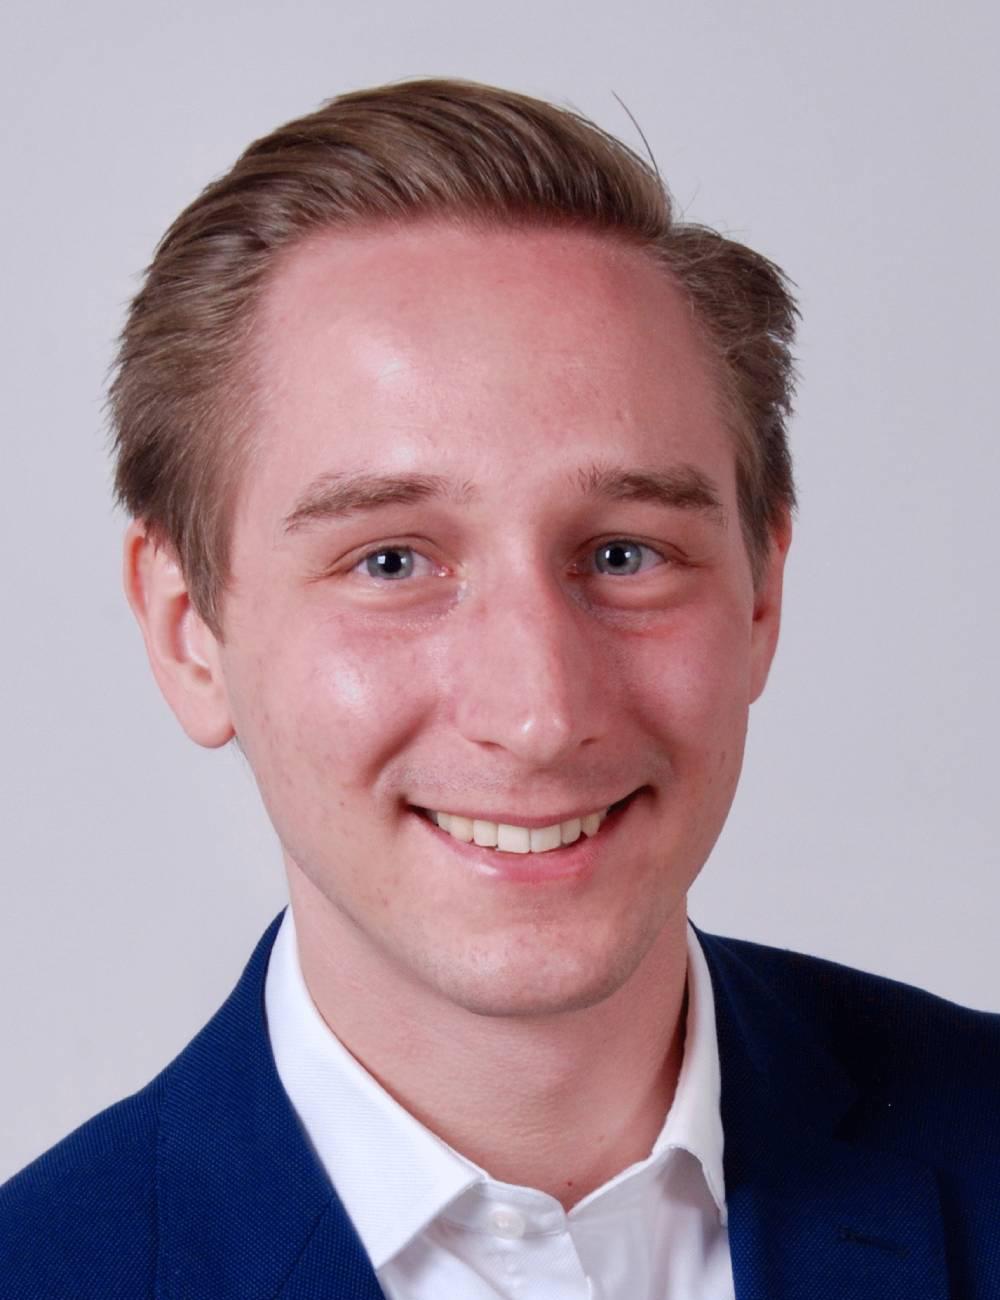 Christian Schnittker